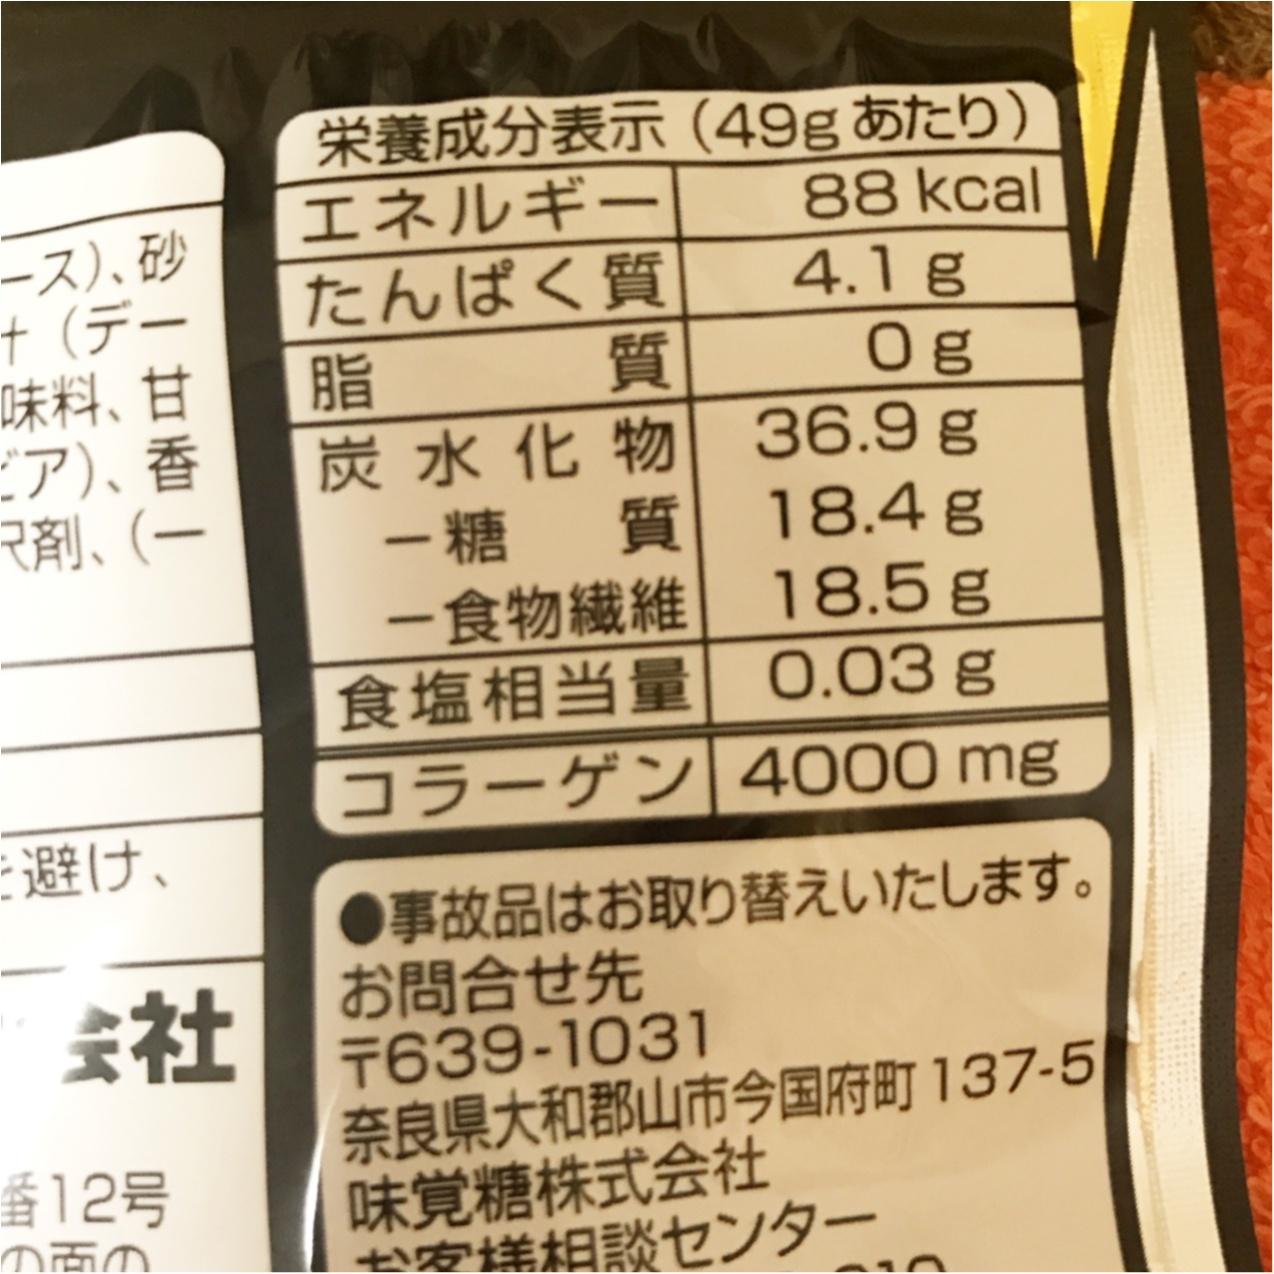 【ファミマでライザップ♡】ダイエット中におすすめなおやつはコレっ!!_3